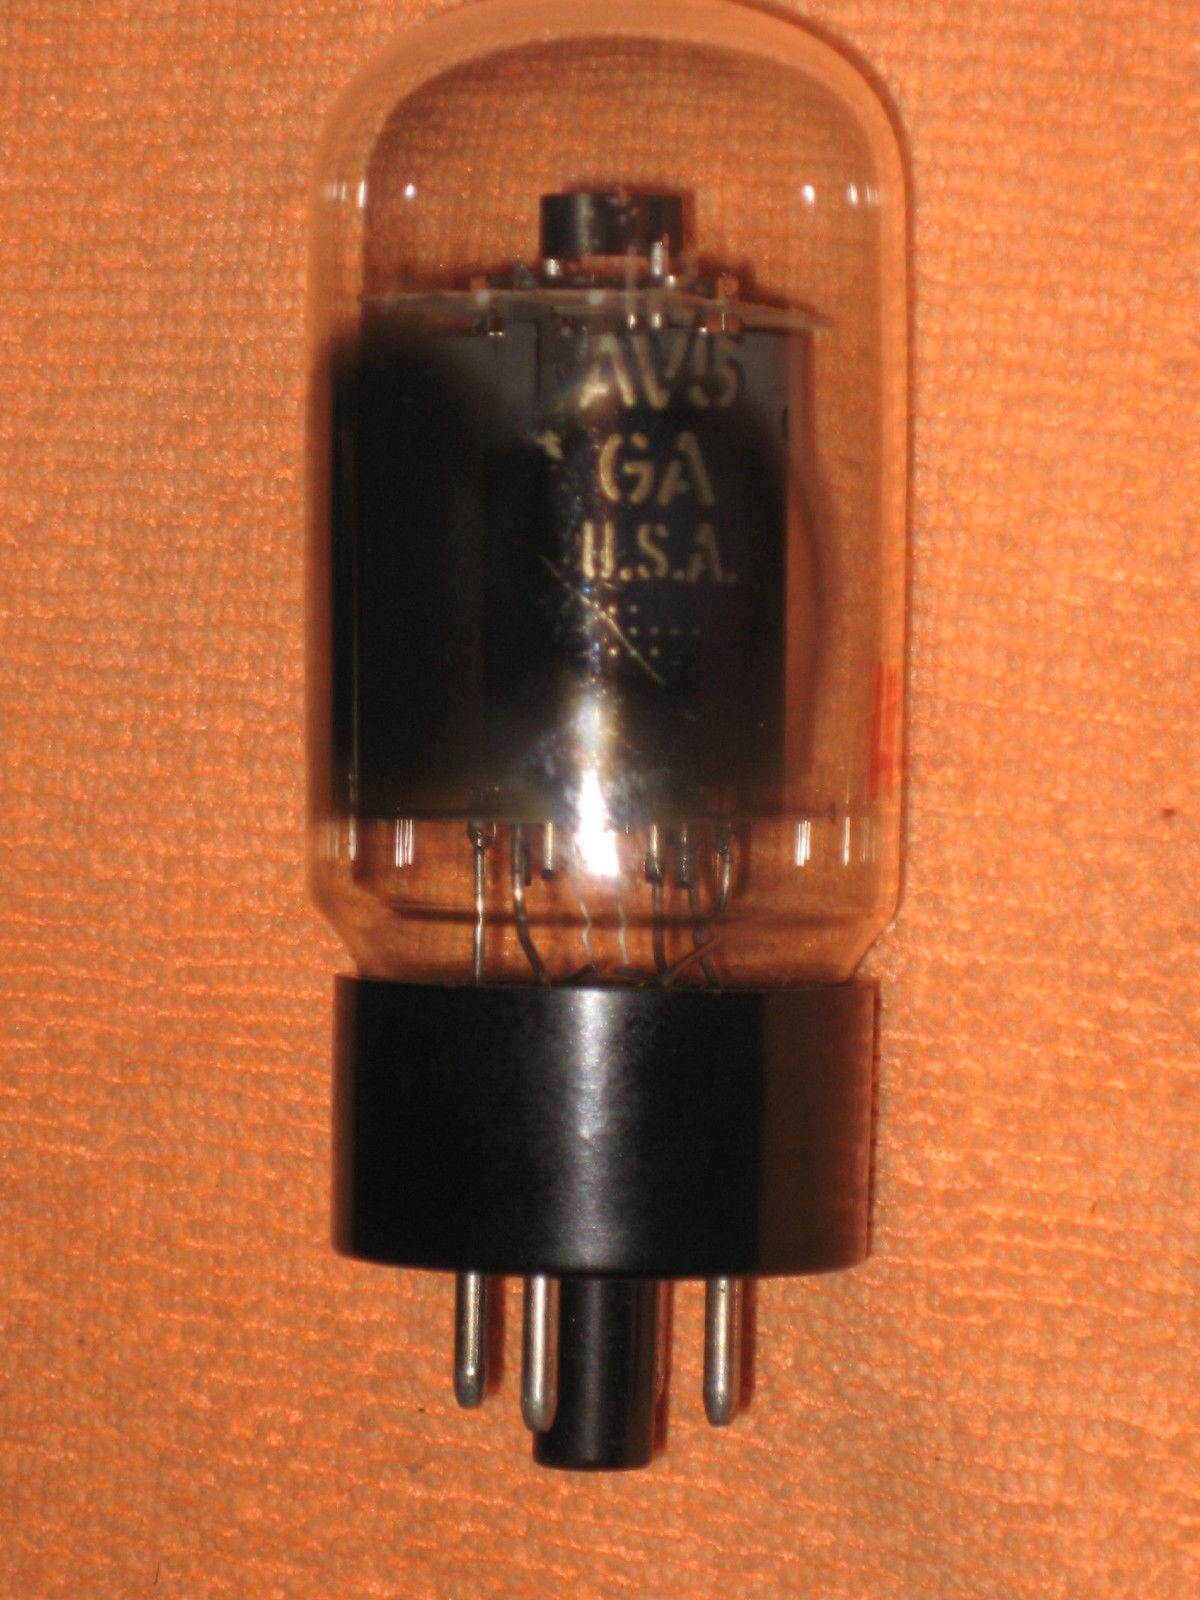 Vintage Radio Vacuum Tube (one): 12AV5 12AV5GA - Tested Good